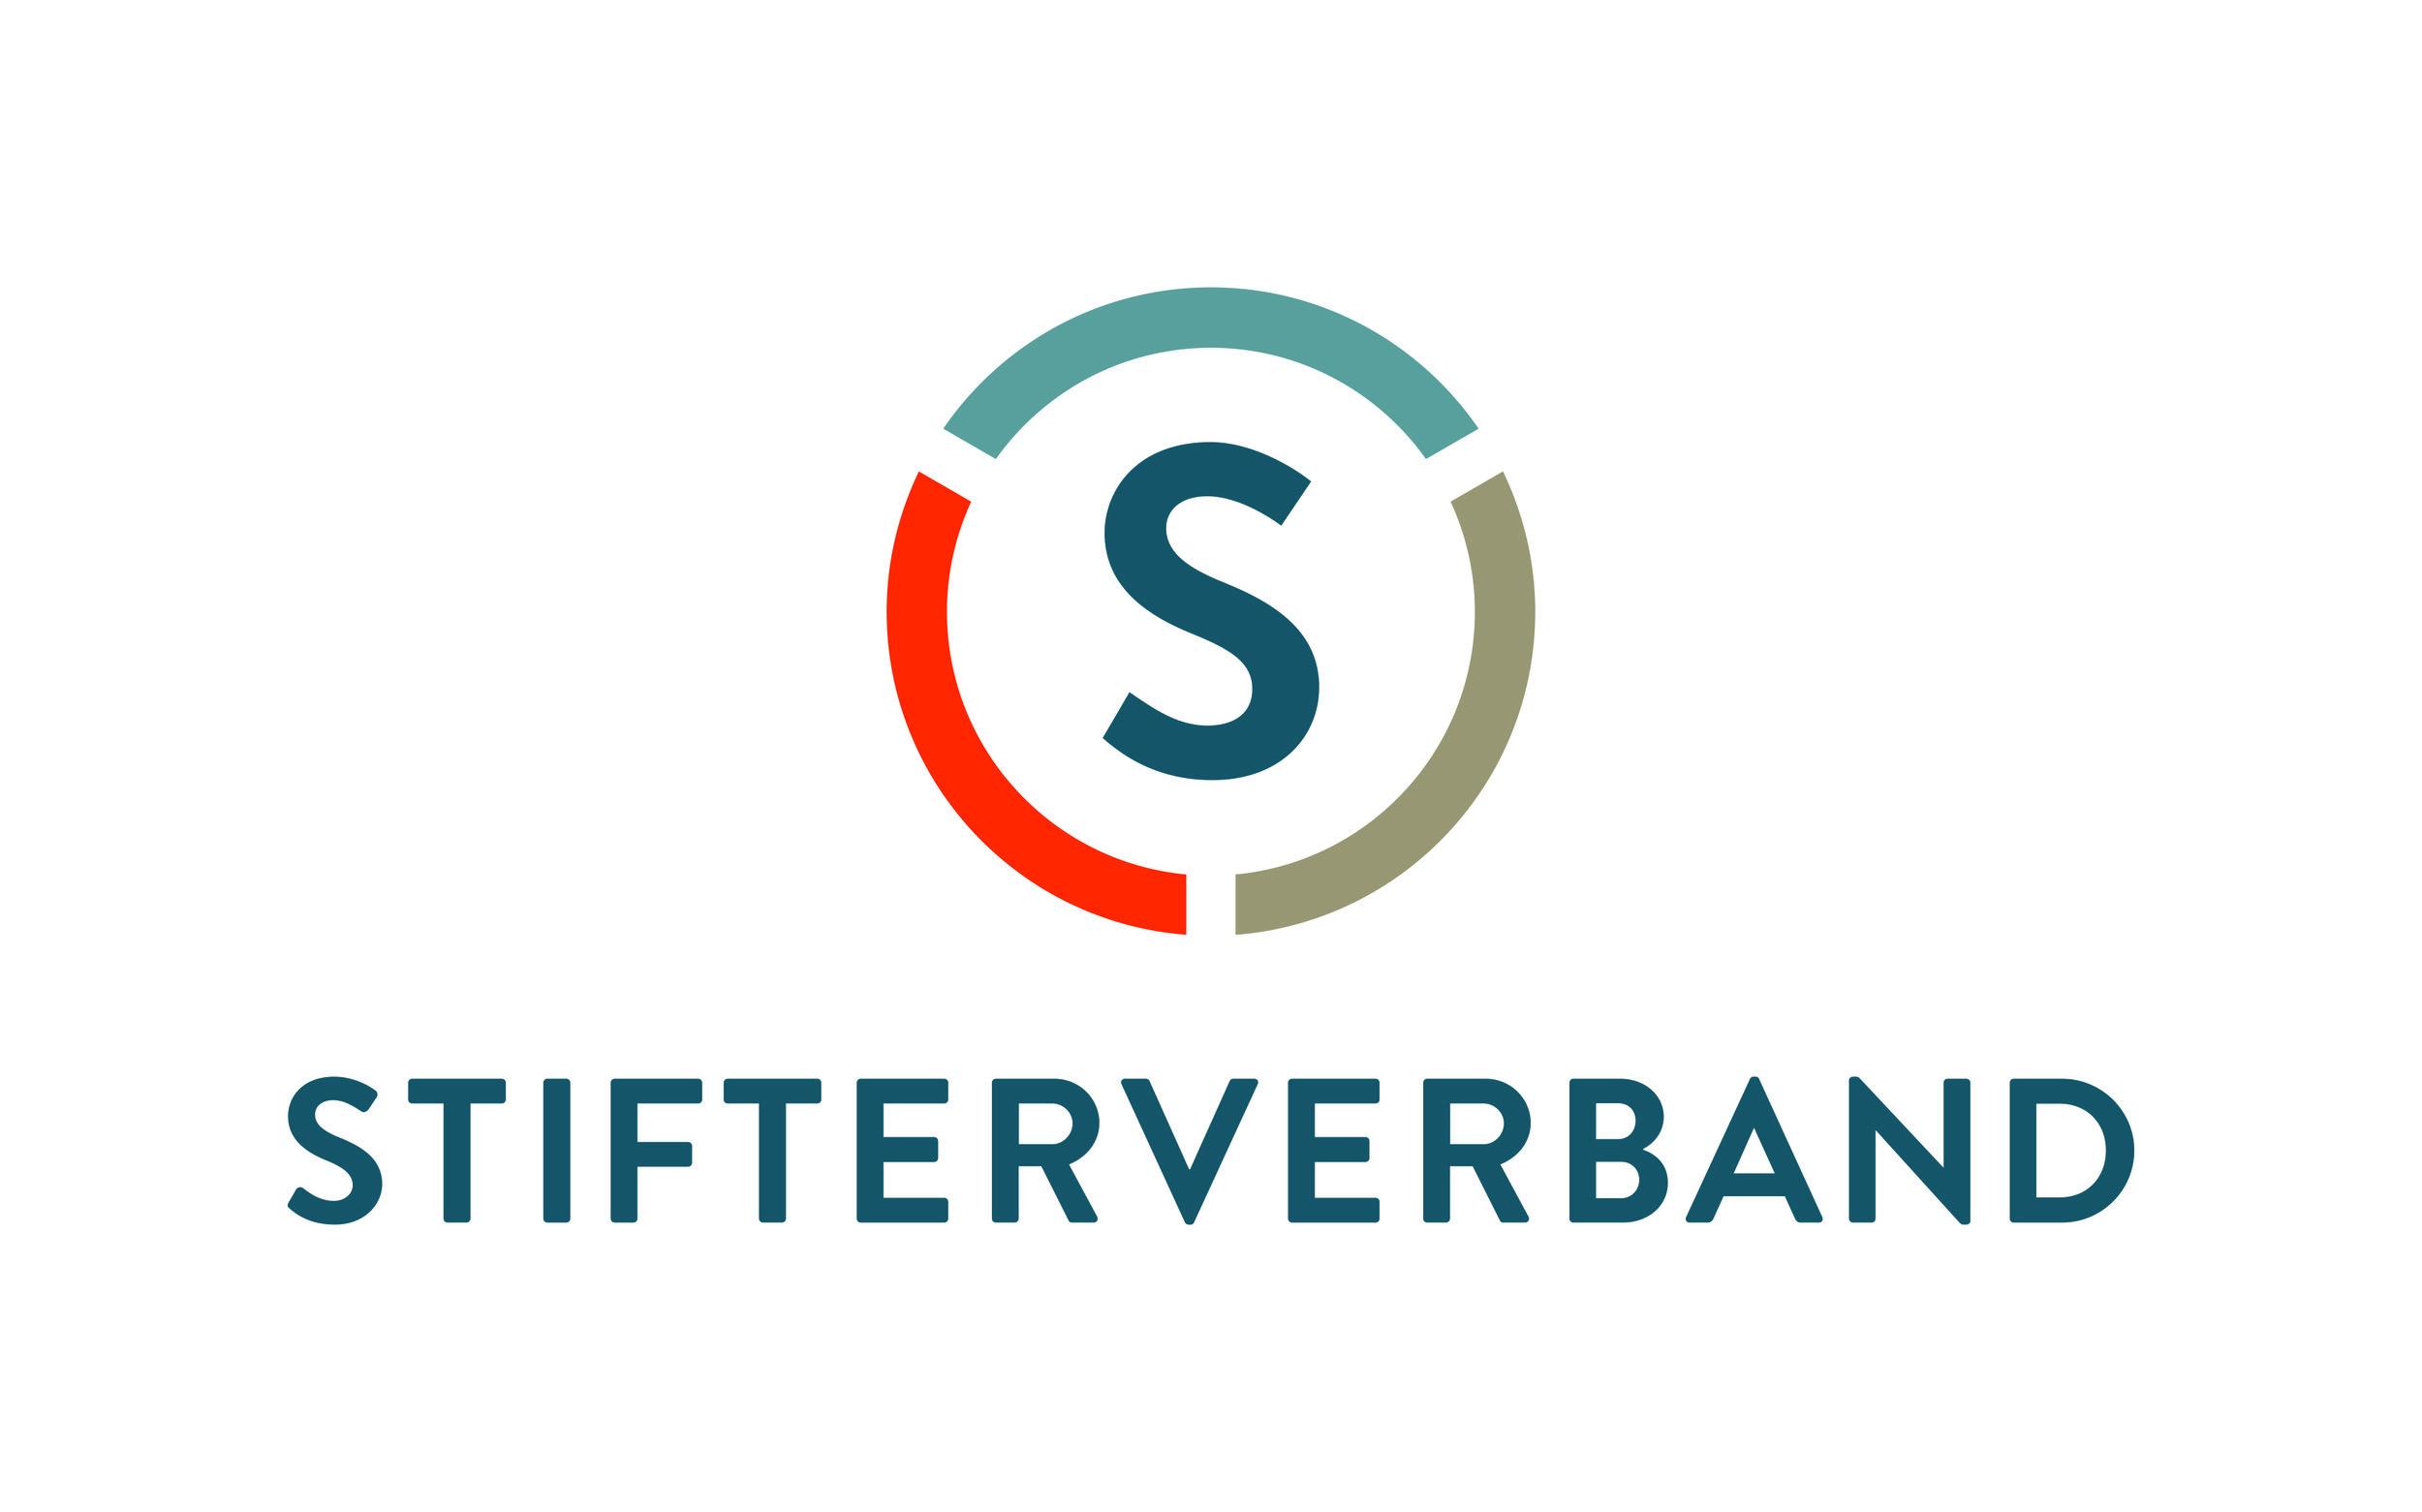 SV_Logo_01_2_DM_WB_4C_C.jpg